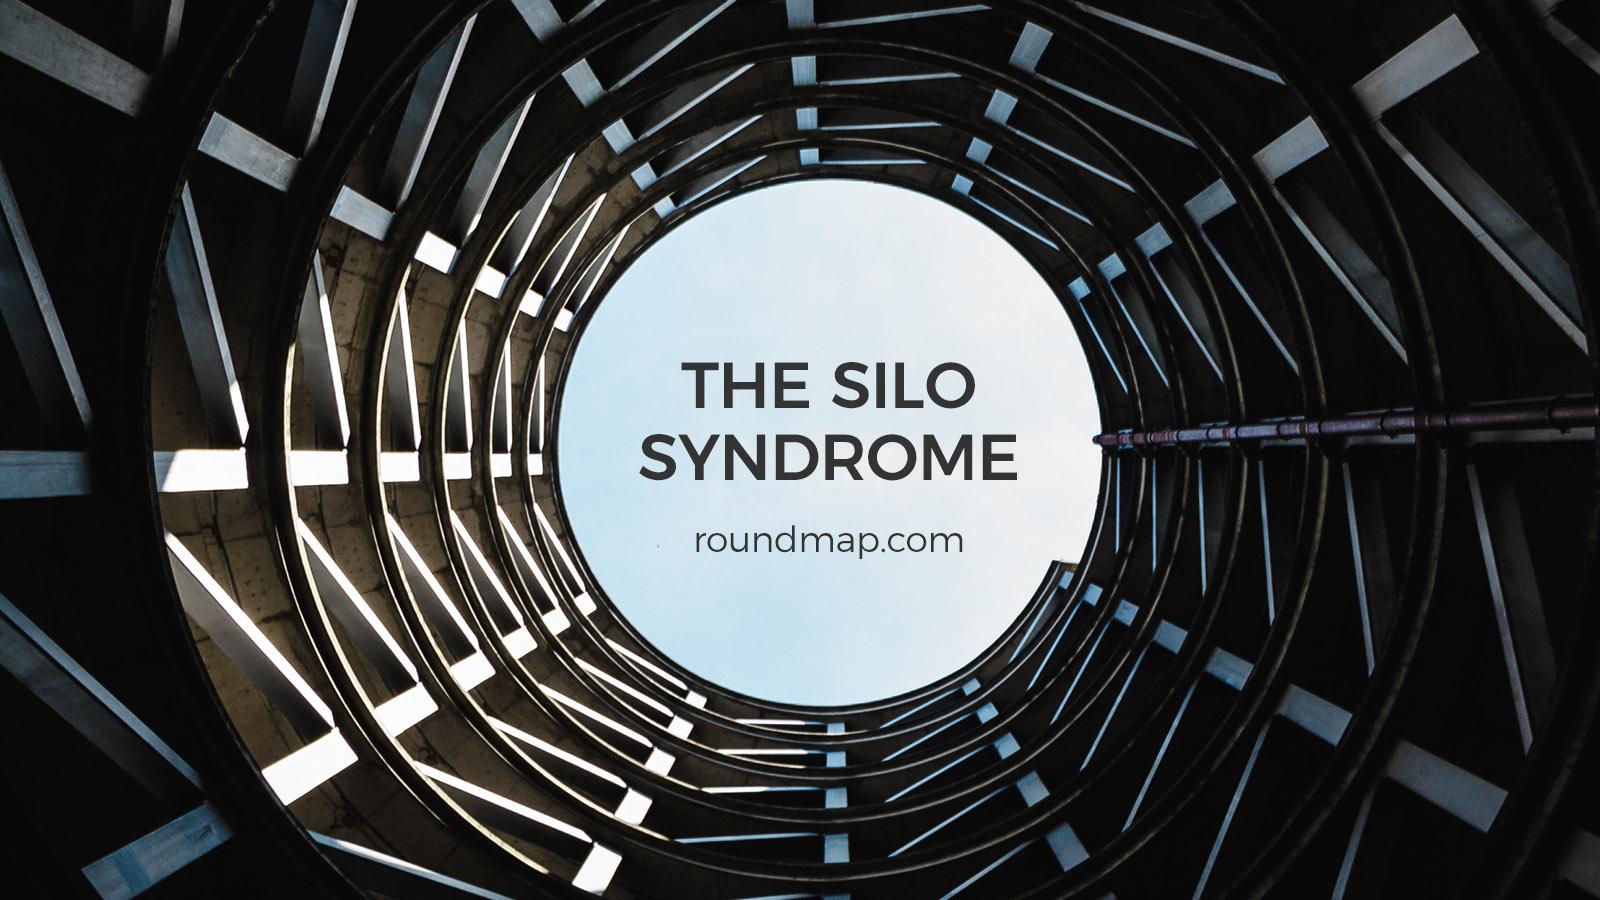 The Silo Syndrome